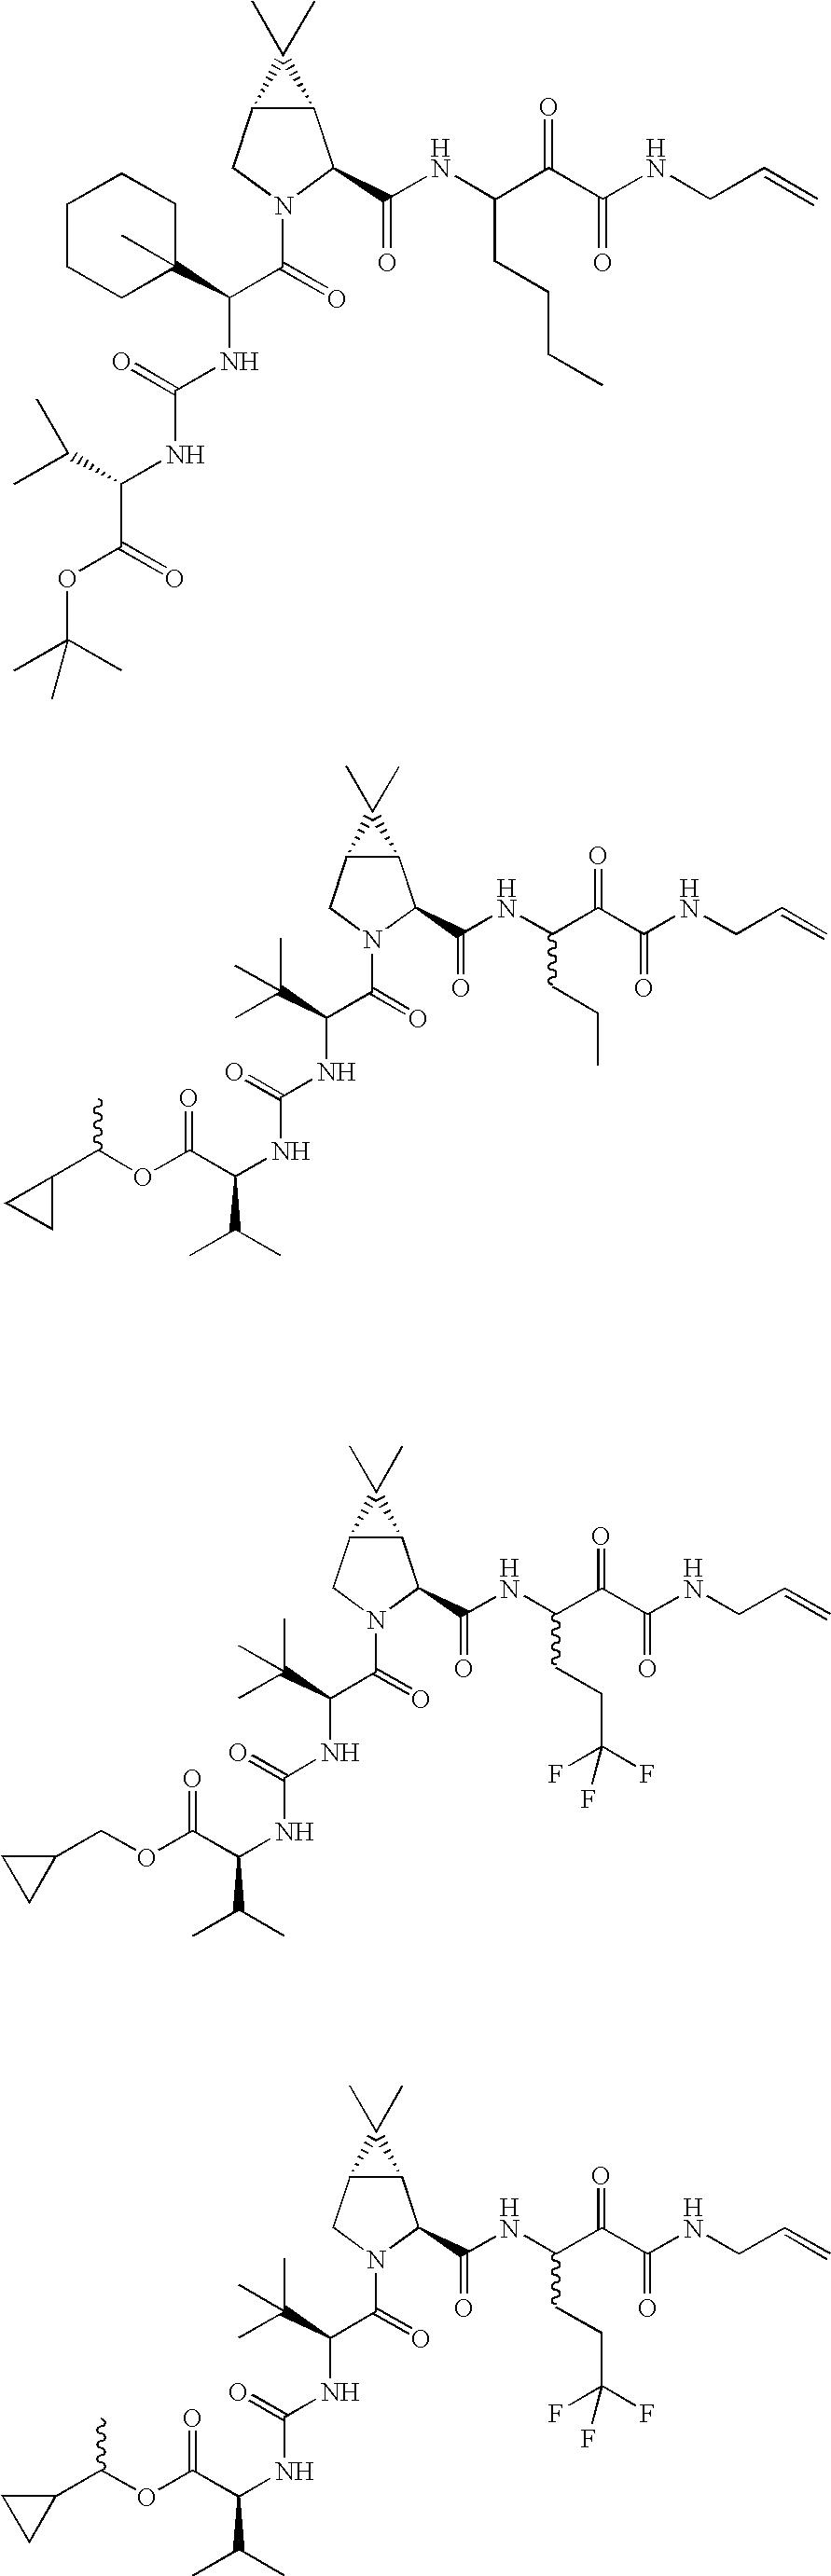 Figure US20060287248A1-20061221-C00289